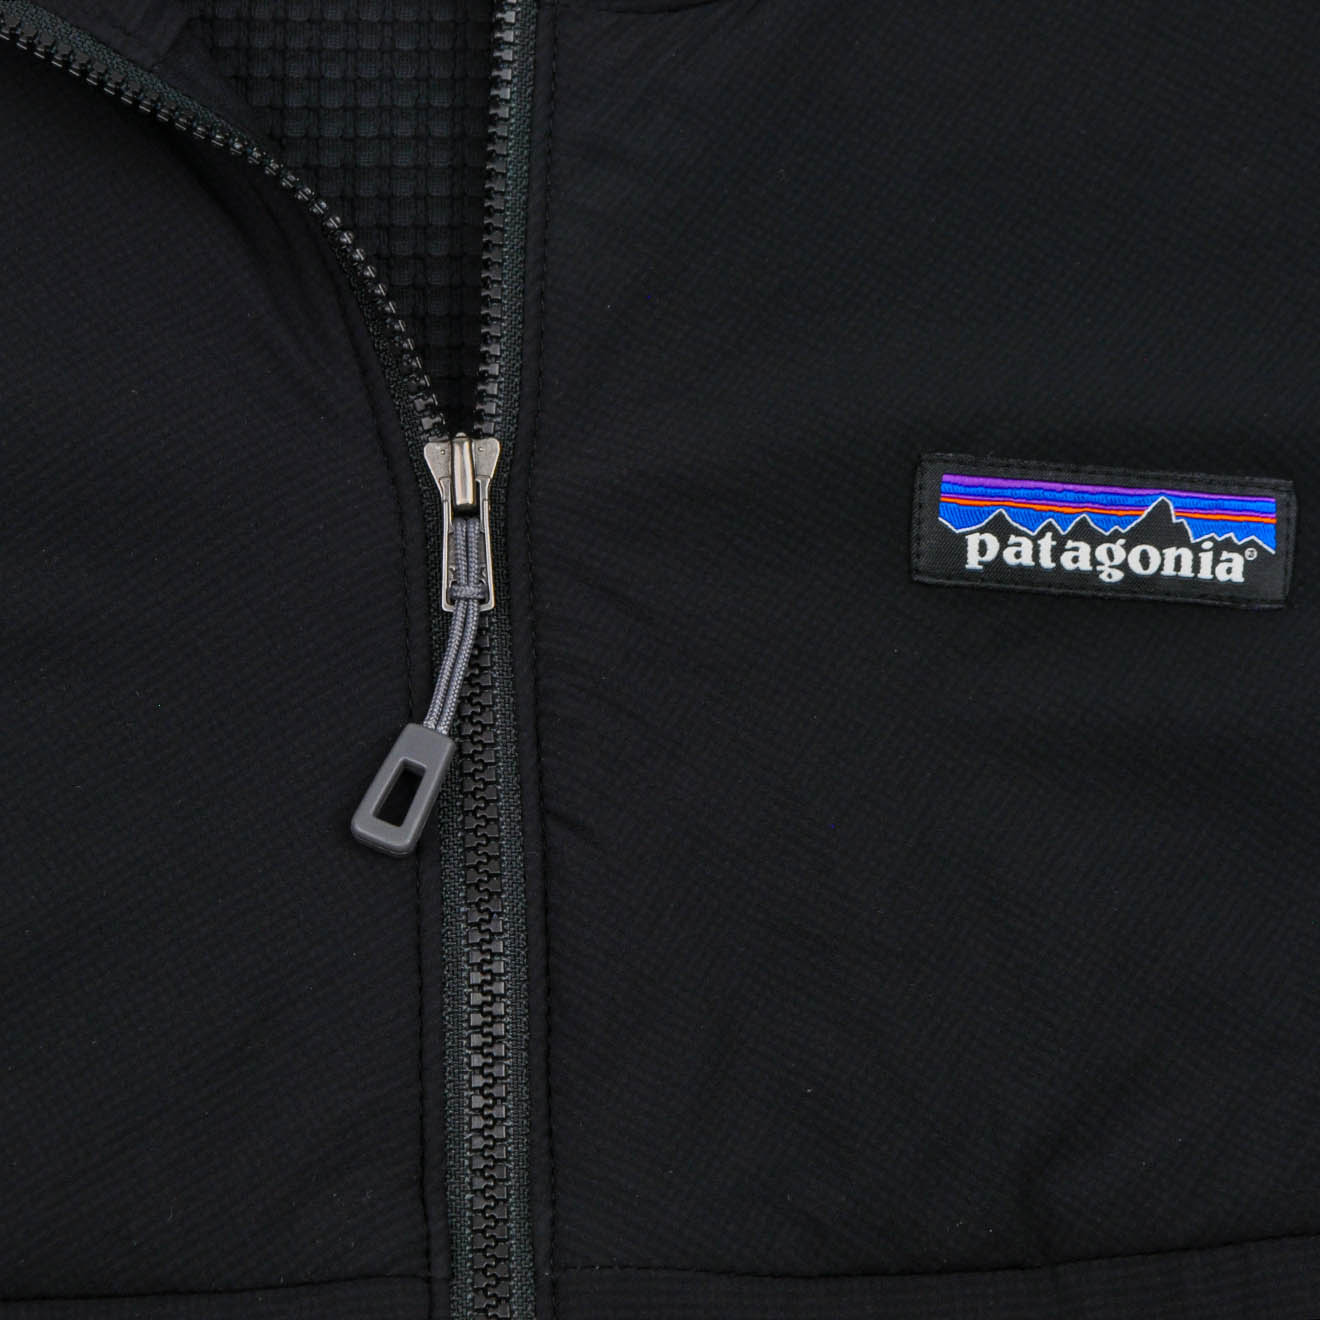 ba7eff1b0a1 Patagonia Nano-Air Light Hybrid Hoody Black - The Sporting Lodge